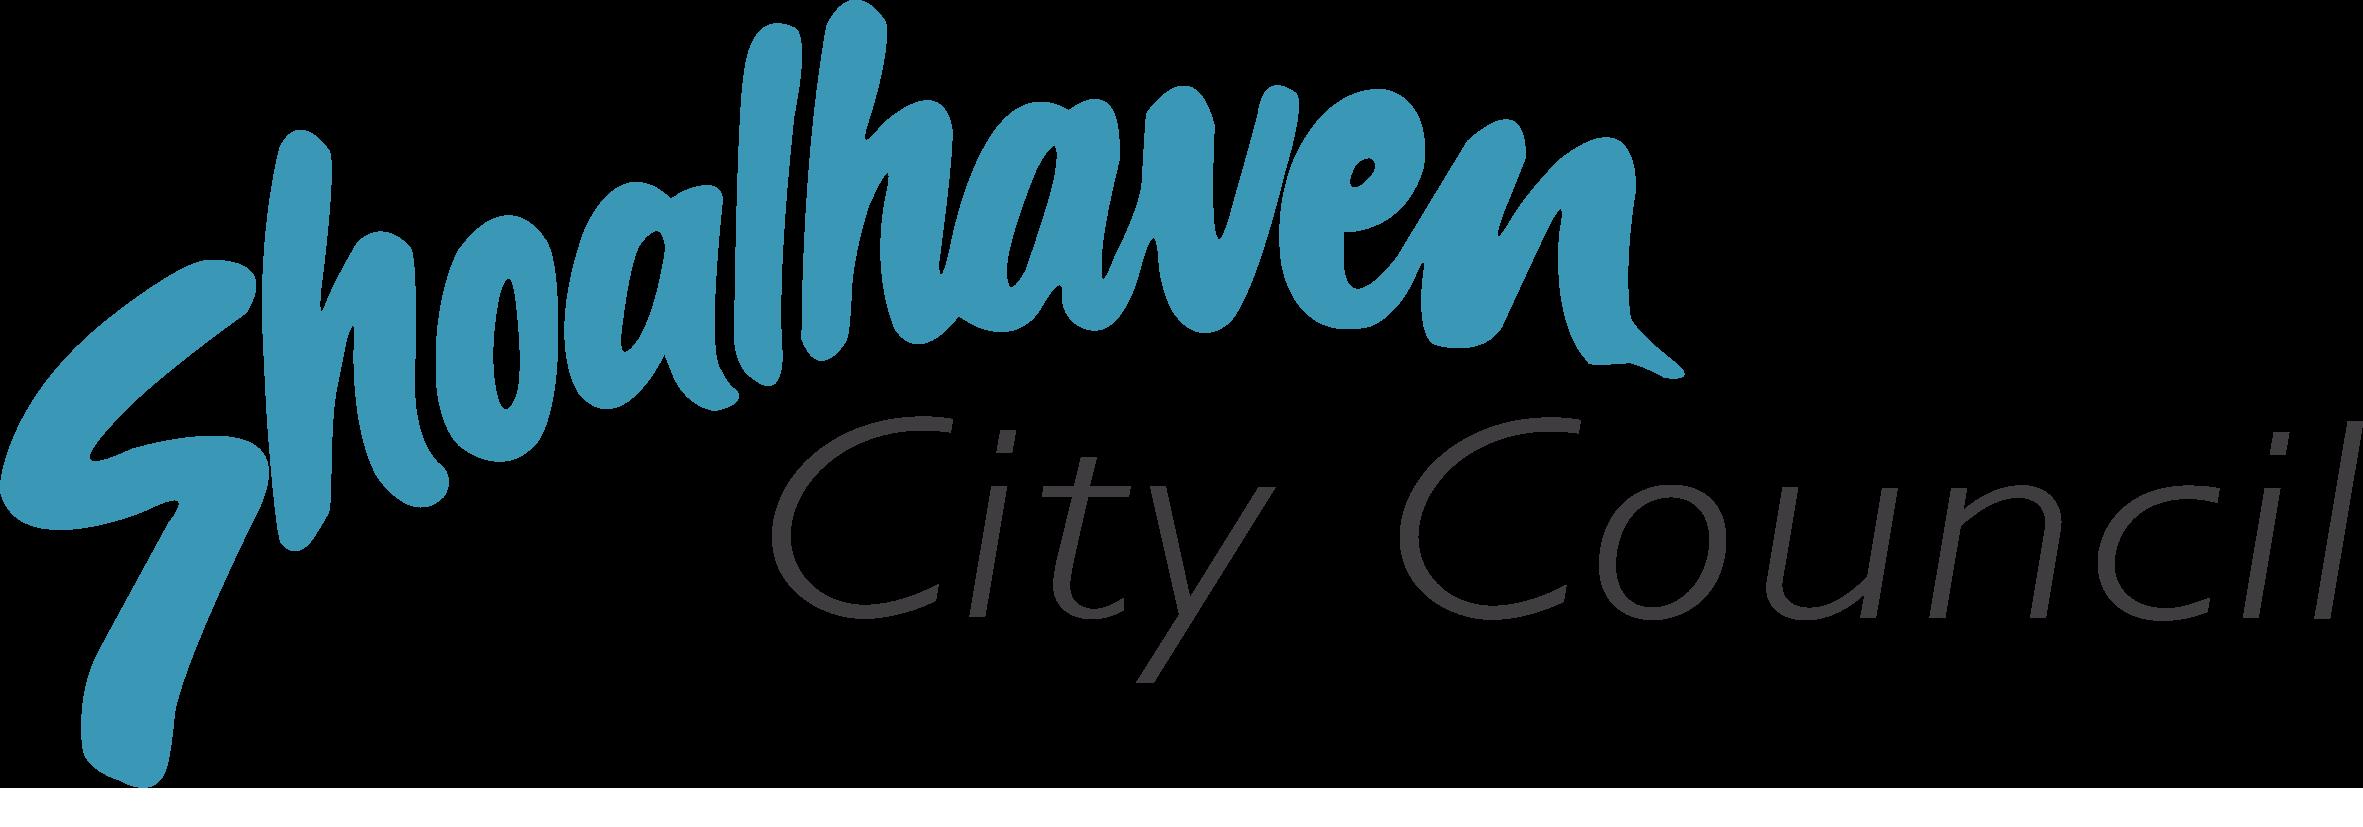 Scc logo blue